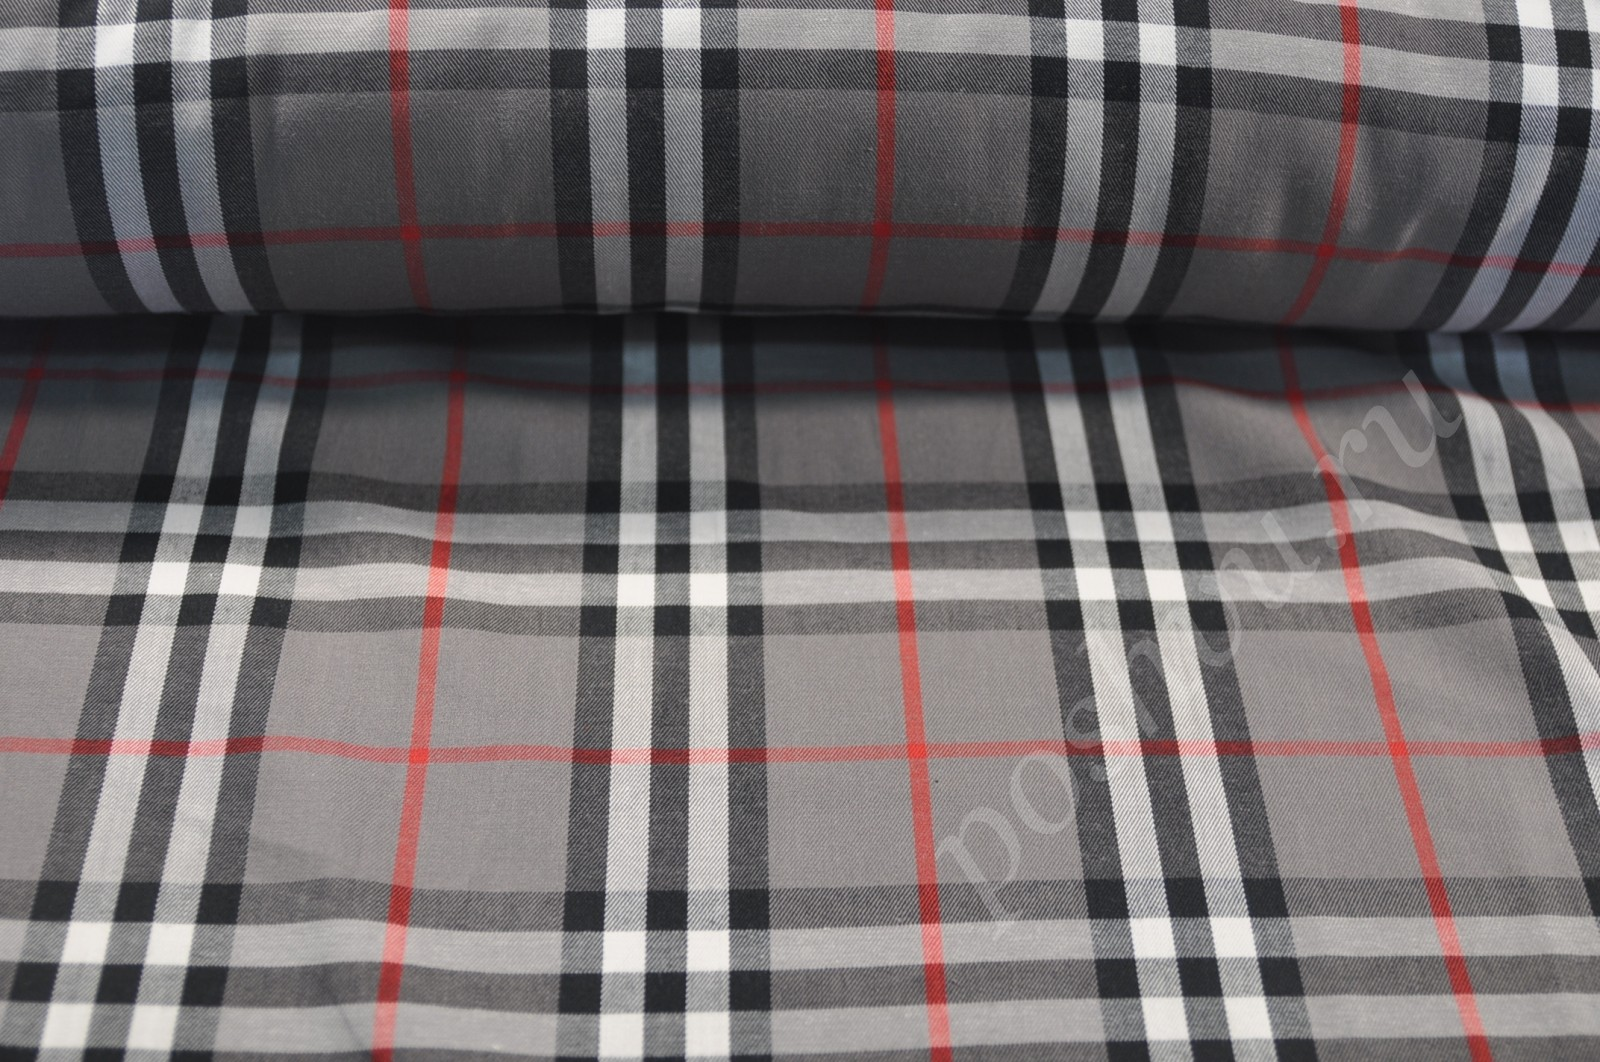 48f6d01b3655 Хлопок burberry серого цвета купить в интернет магазине ткани хлопок, ткань  хлопок в цвете серый